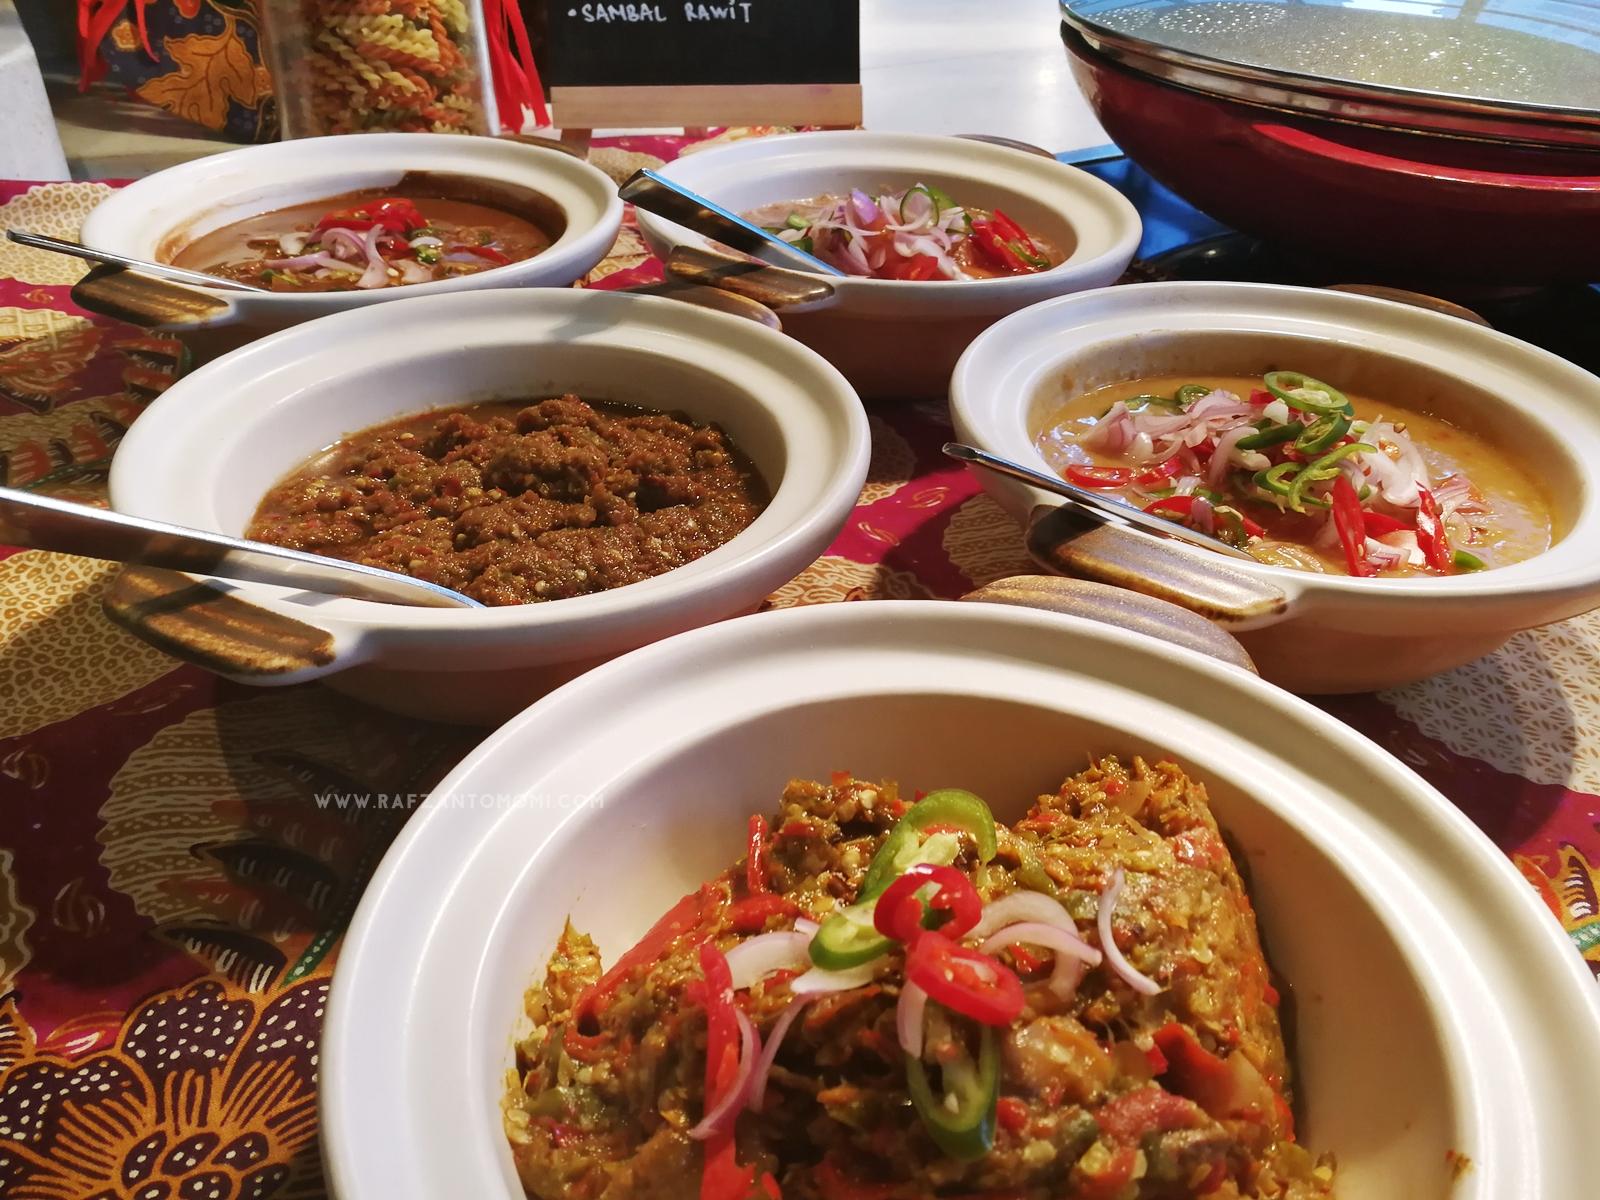 """Buffet Ramadhan 2018 - """"Joms Buka"""" Di Nook, Aloft Kuala Lumpur Sentral"""